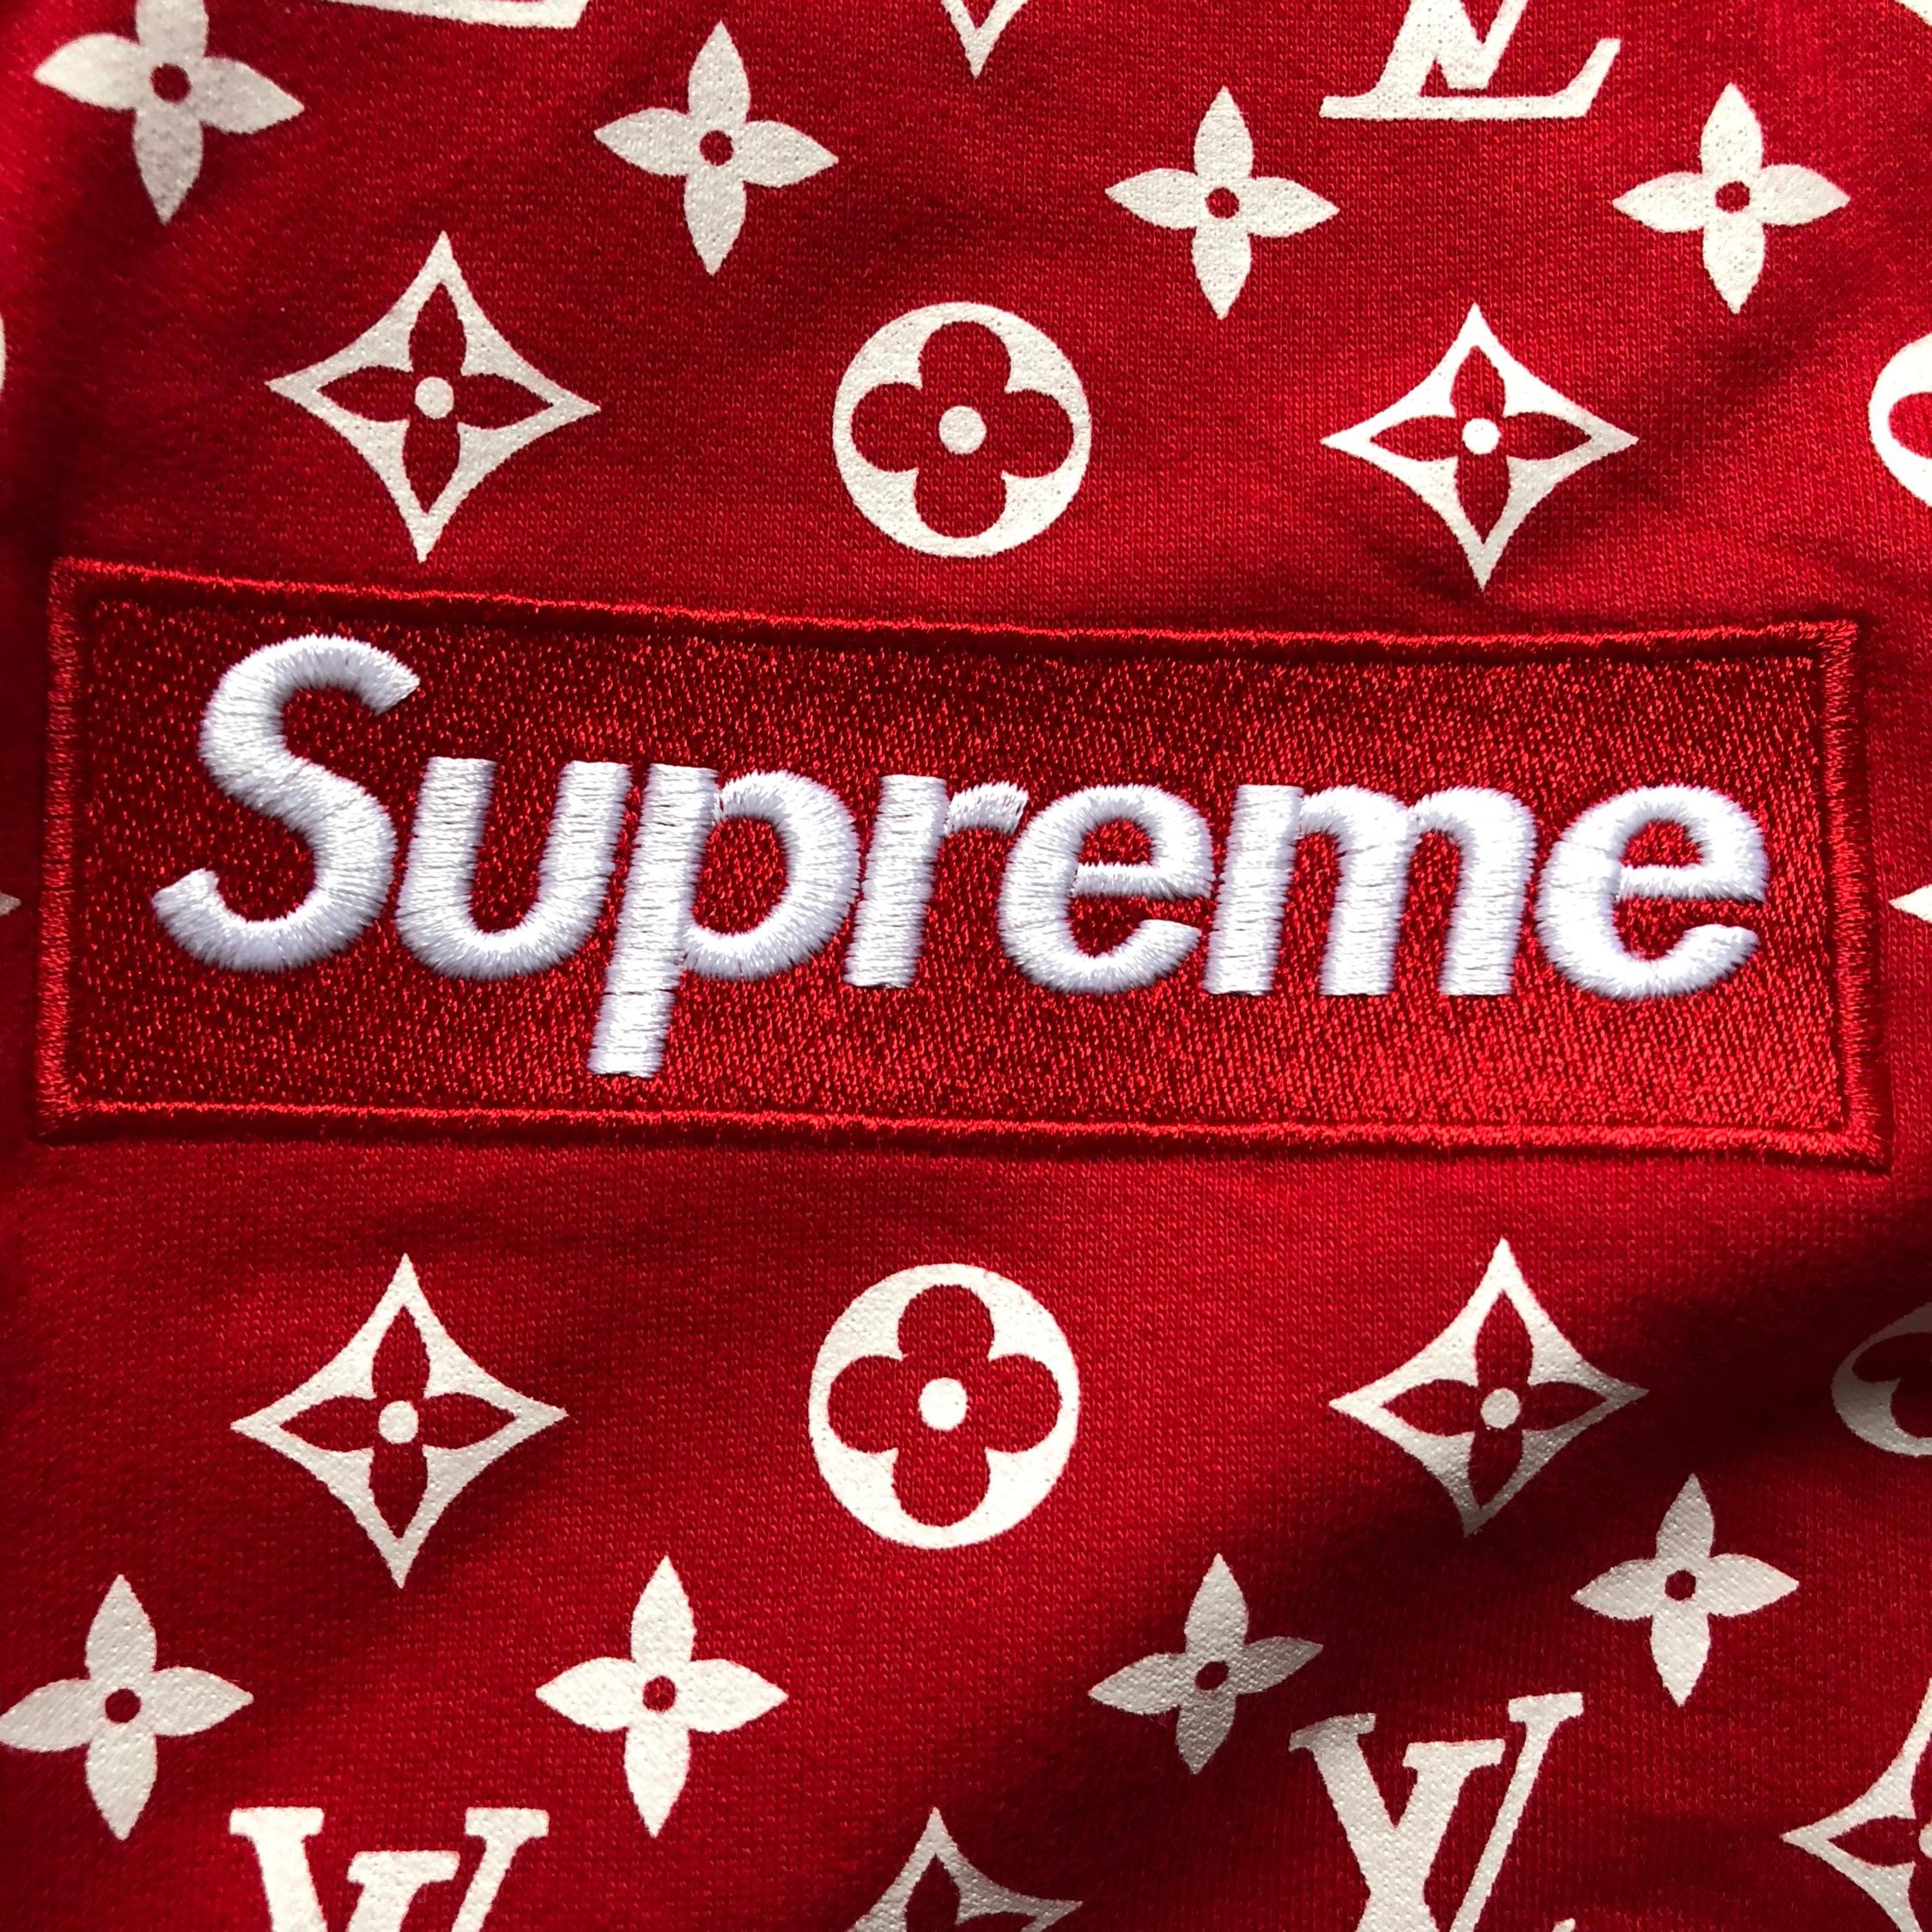 Supreme Lv Box Logo Hoodie.